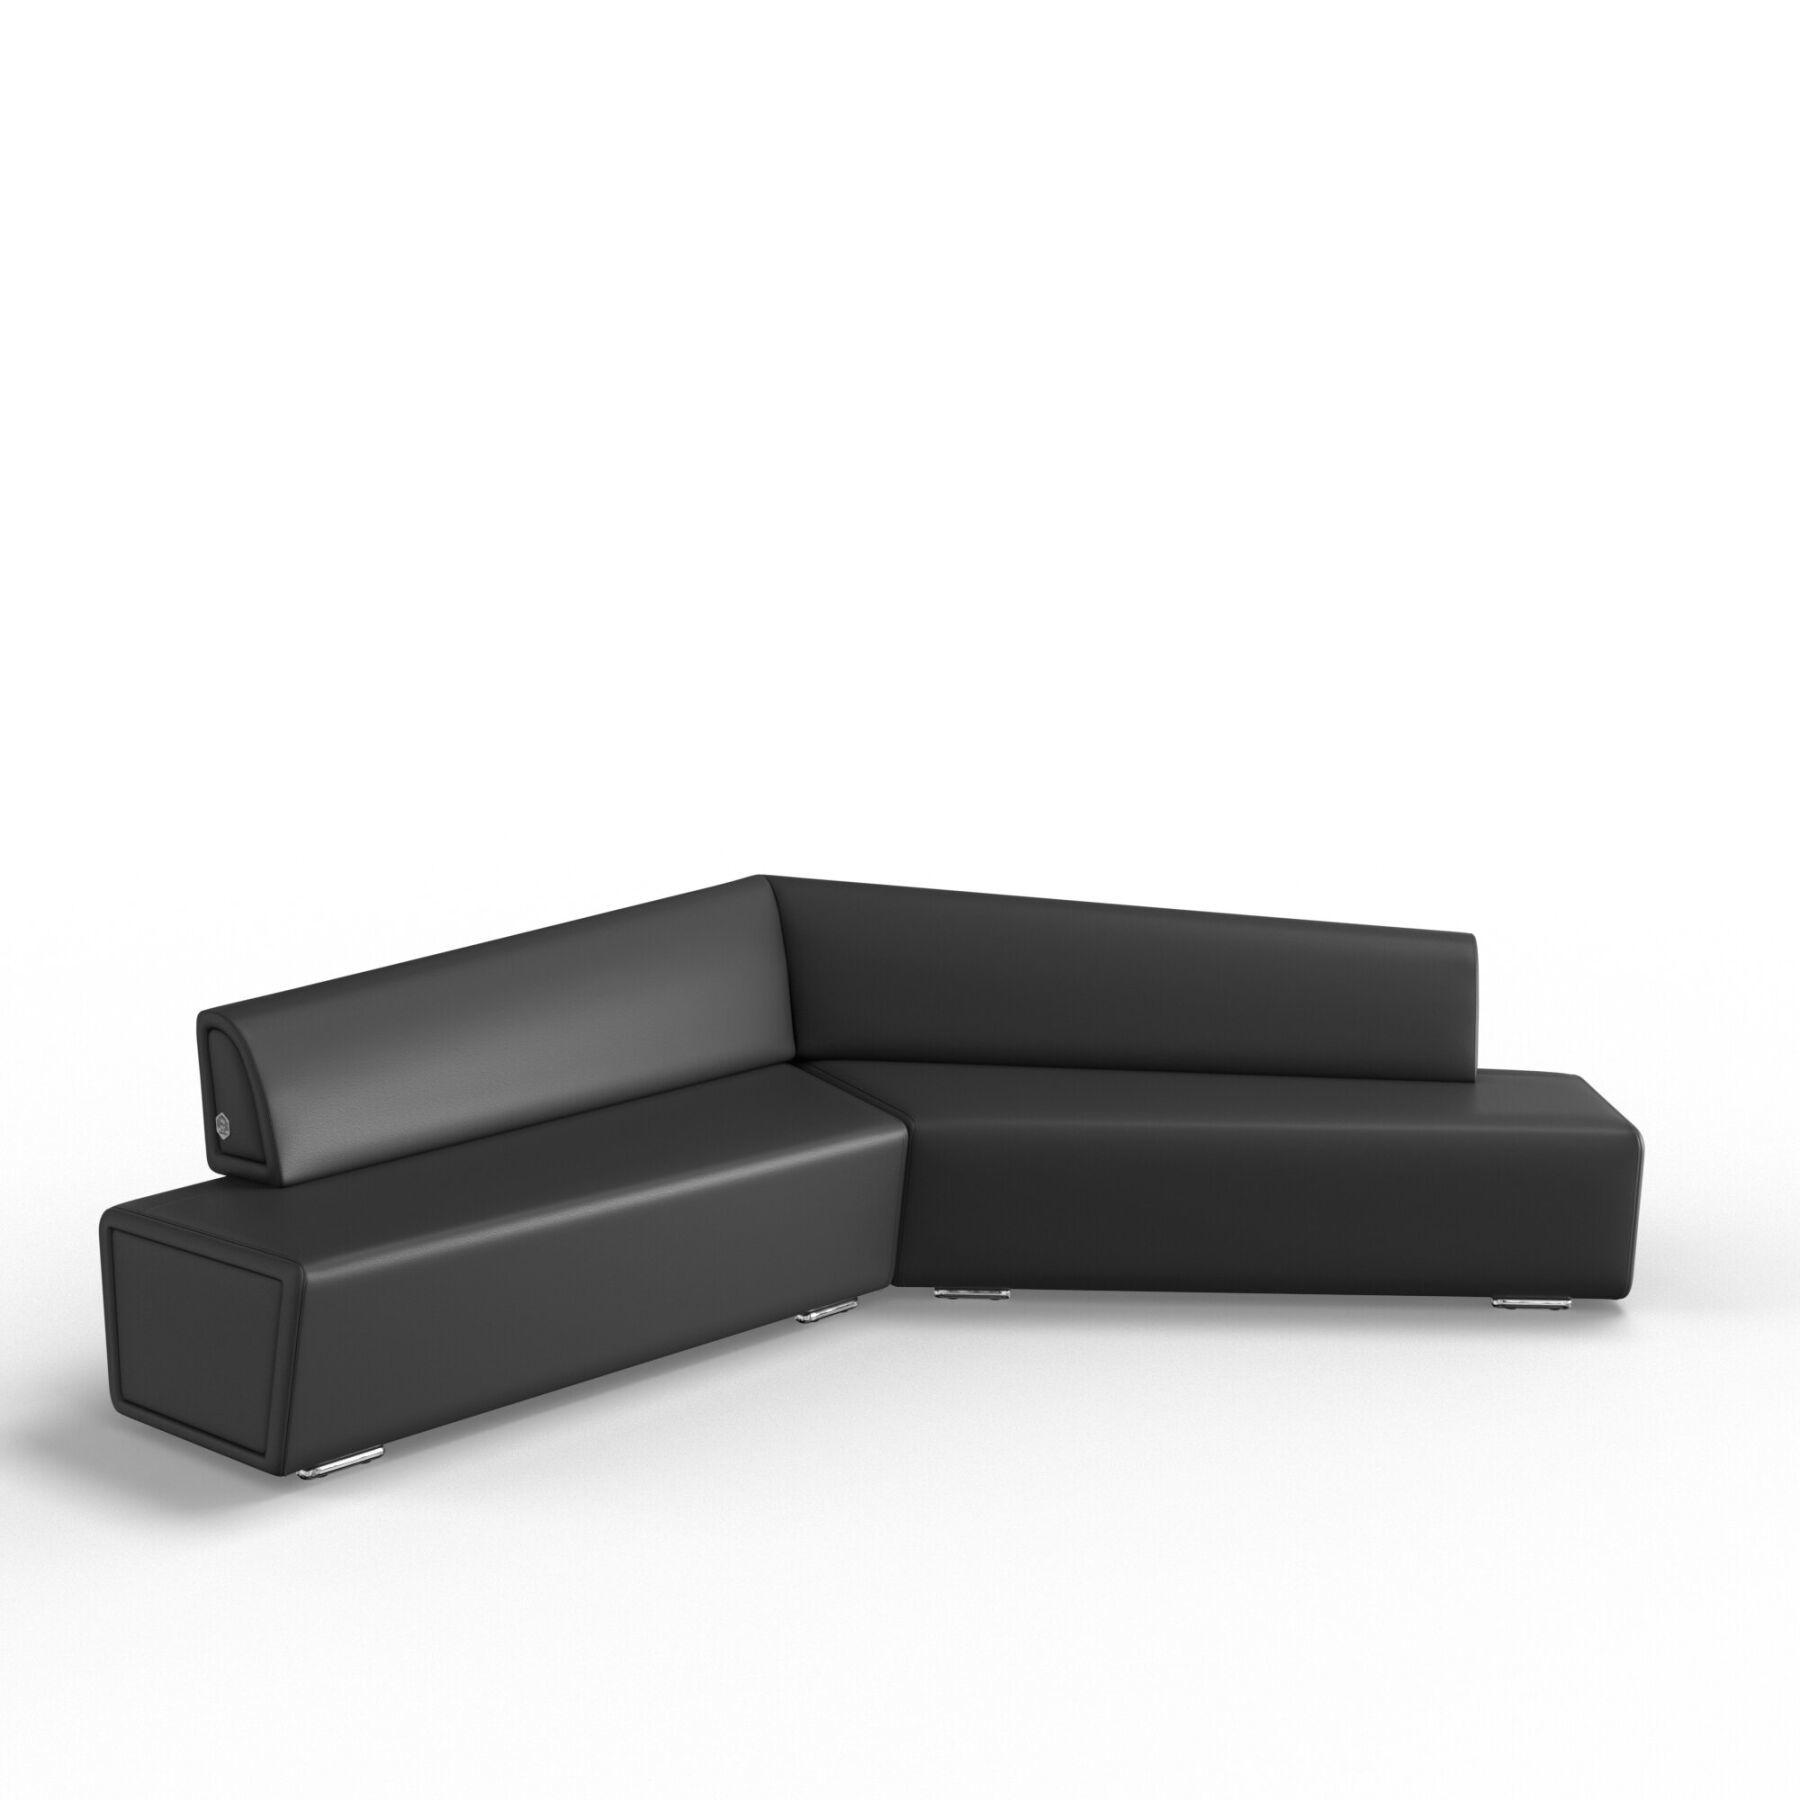 Трехместный диван KULIK SYSTEM COPTER Кожа Левый и правый